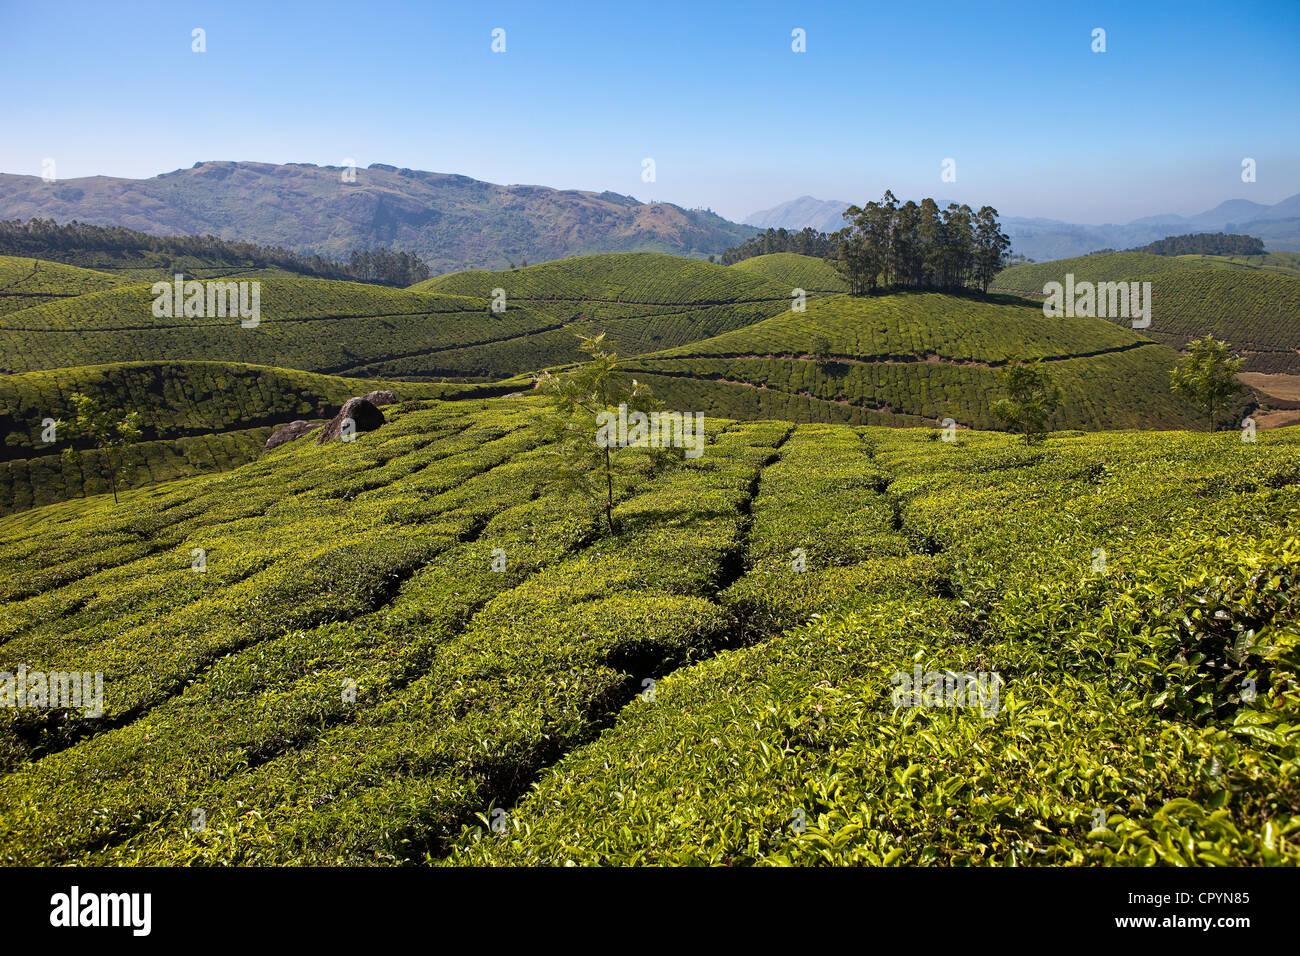 El estado de Kerala, India, Munnar, plantaciones de té Imagen De Stock